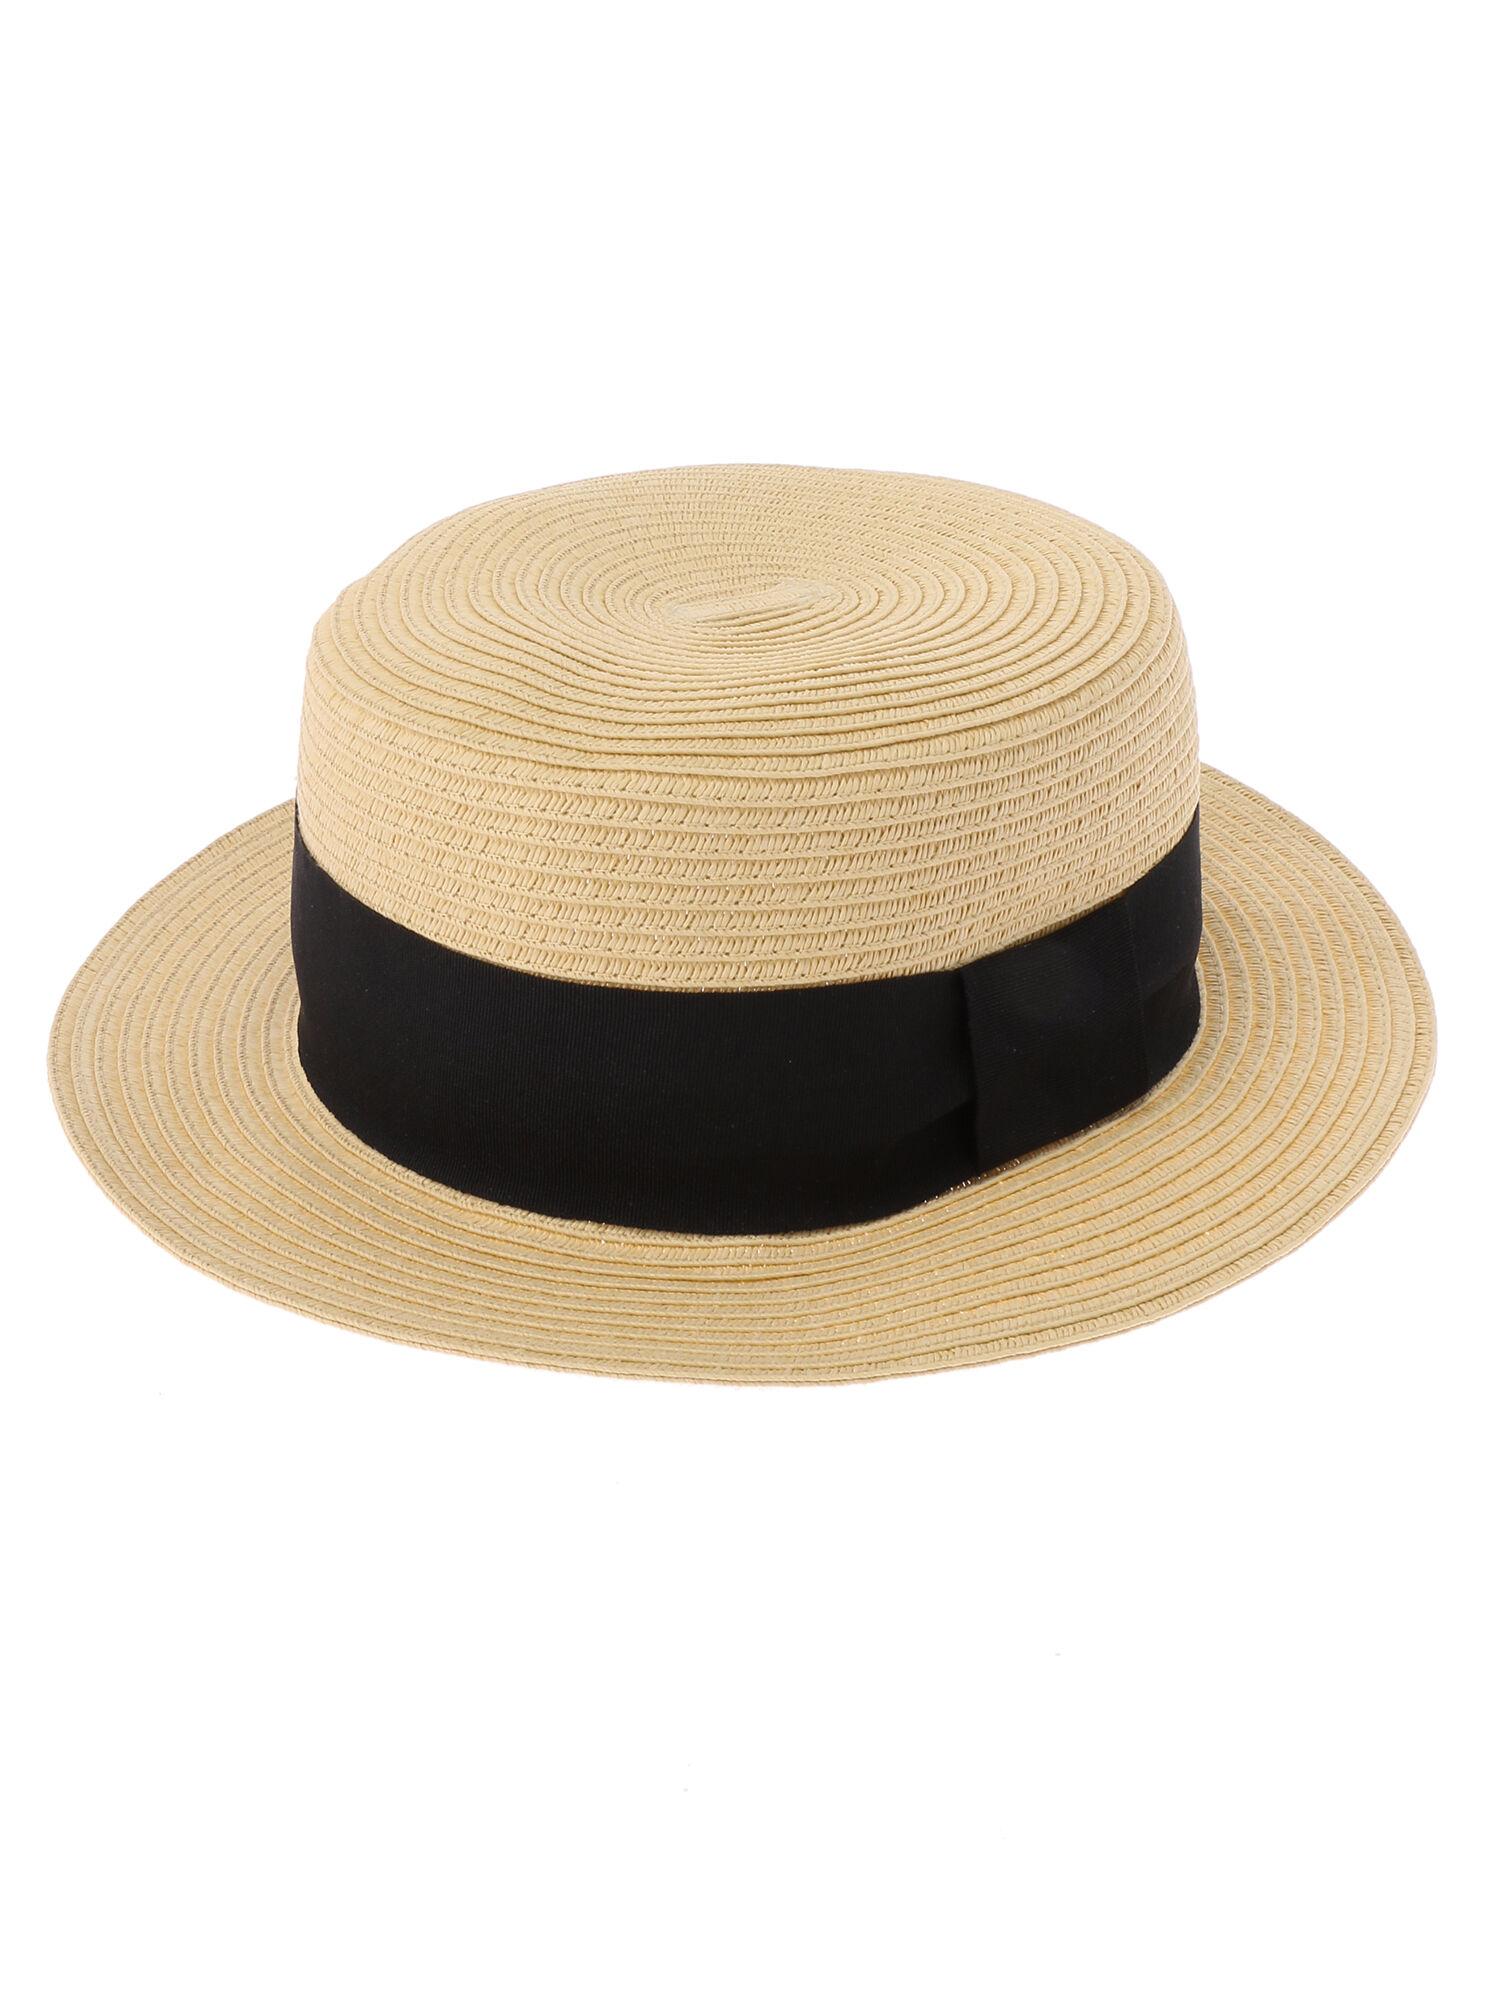 ・ペーパーカンカン帽